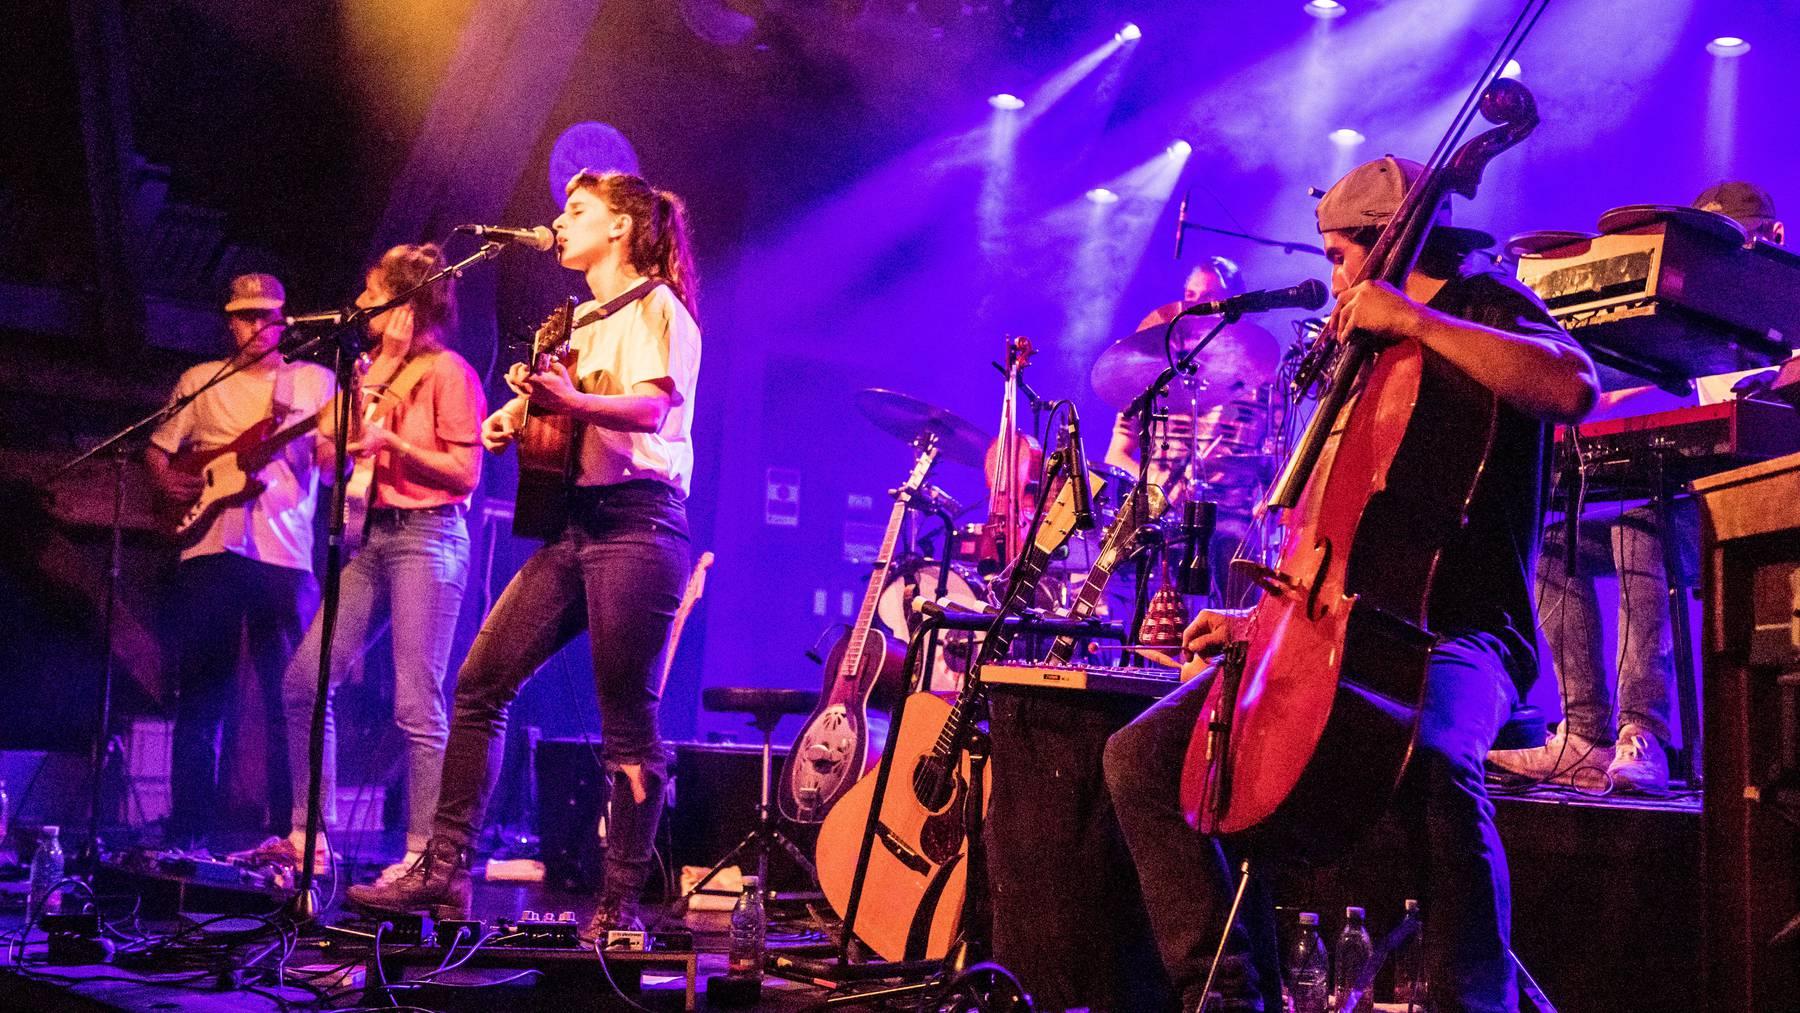 Die Zürcher Band Black Sea Dahu bei einem Konzert in Luzern.